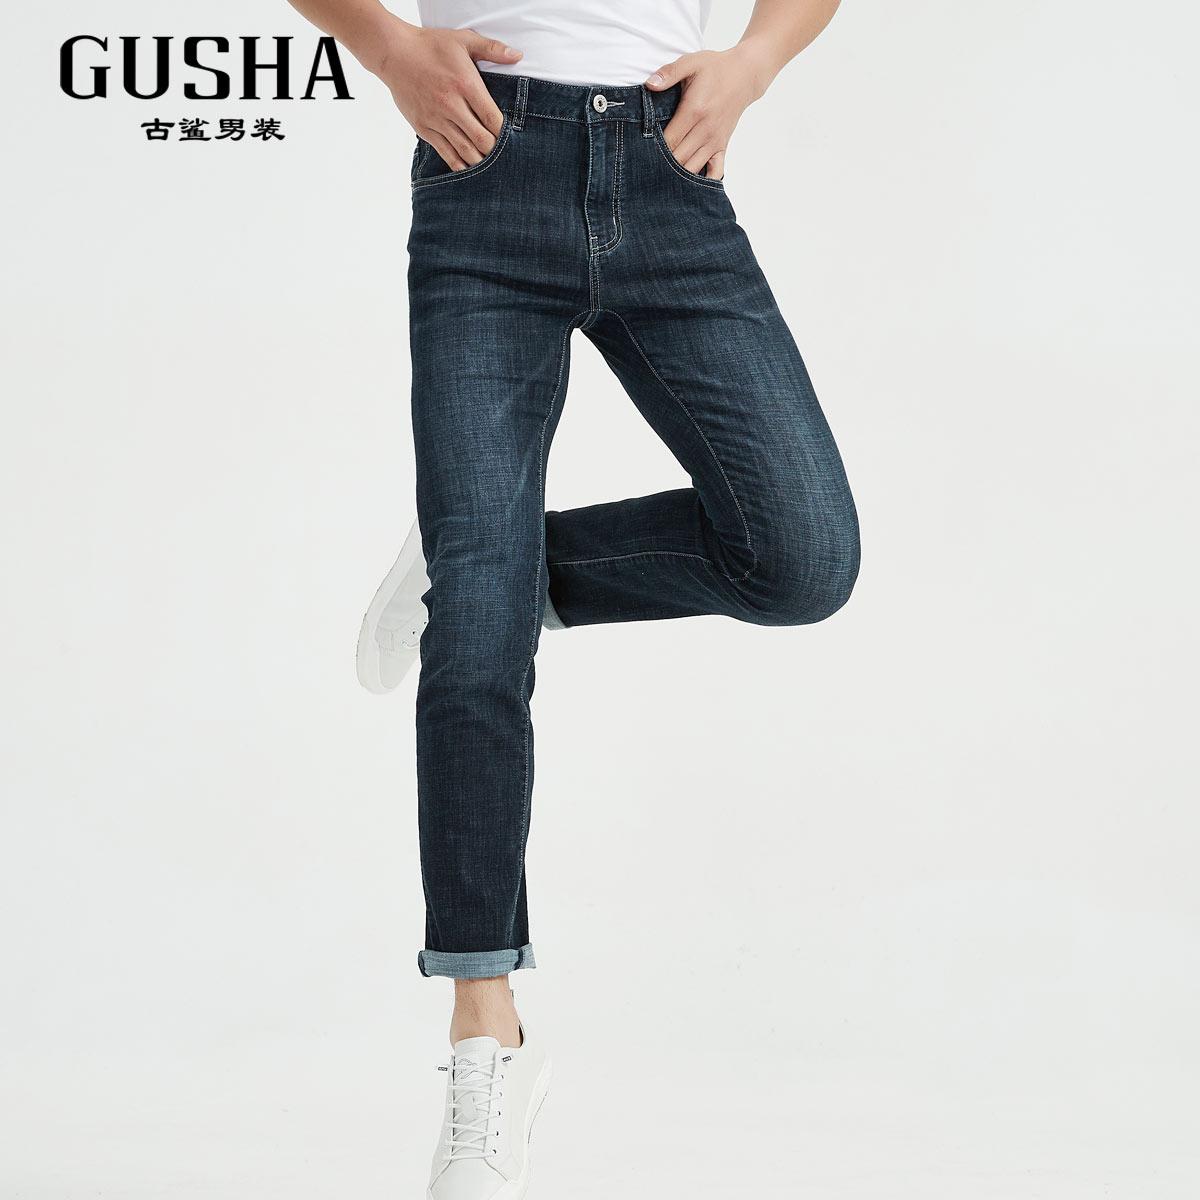 高端定制【新疆棉】面料古鲨新款修身棉质牛仔裤亲肤透气